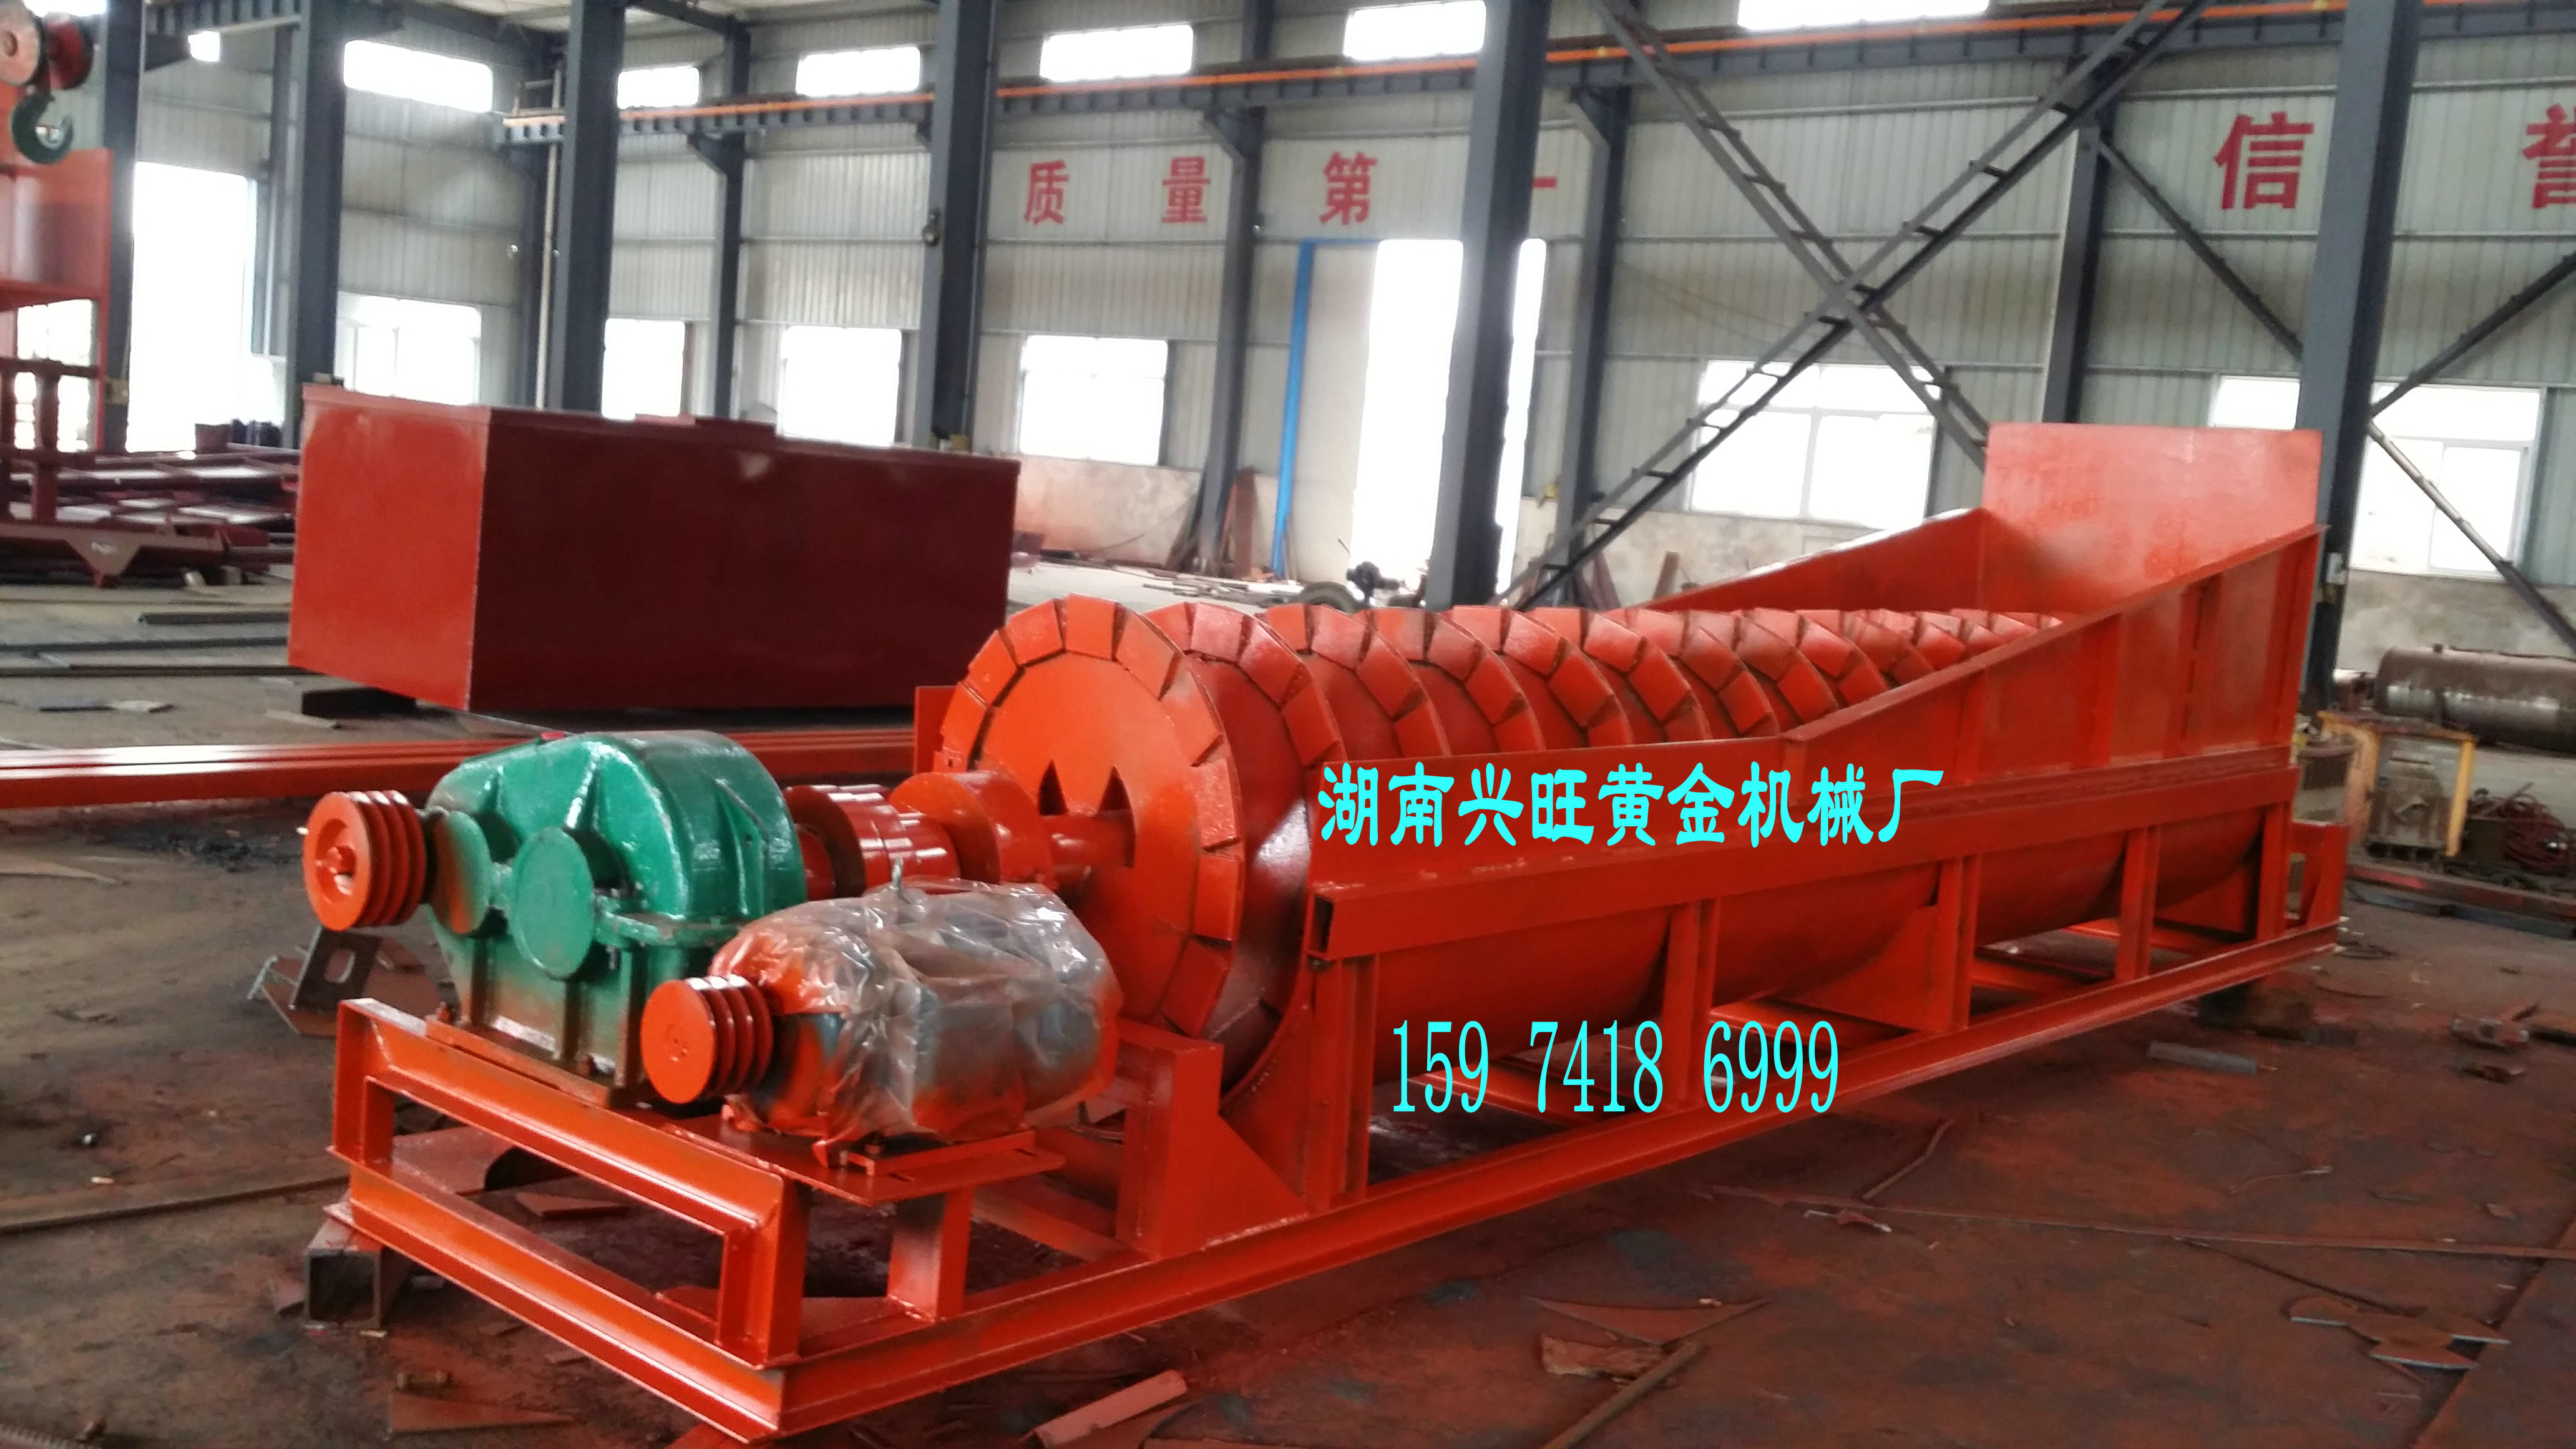 供应滚筒洗砂机 螺旋洗砂机 轮斗洗砂机 振动洗砂机生产厂家